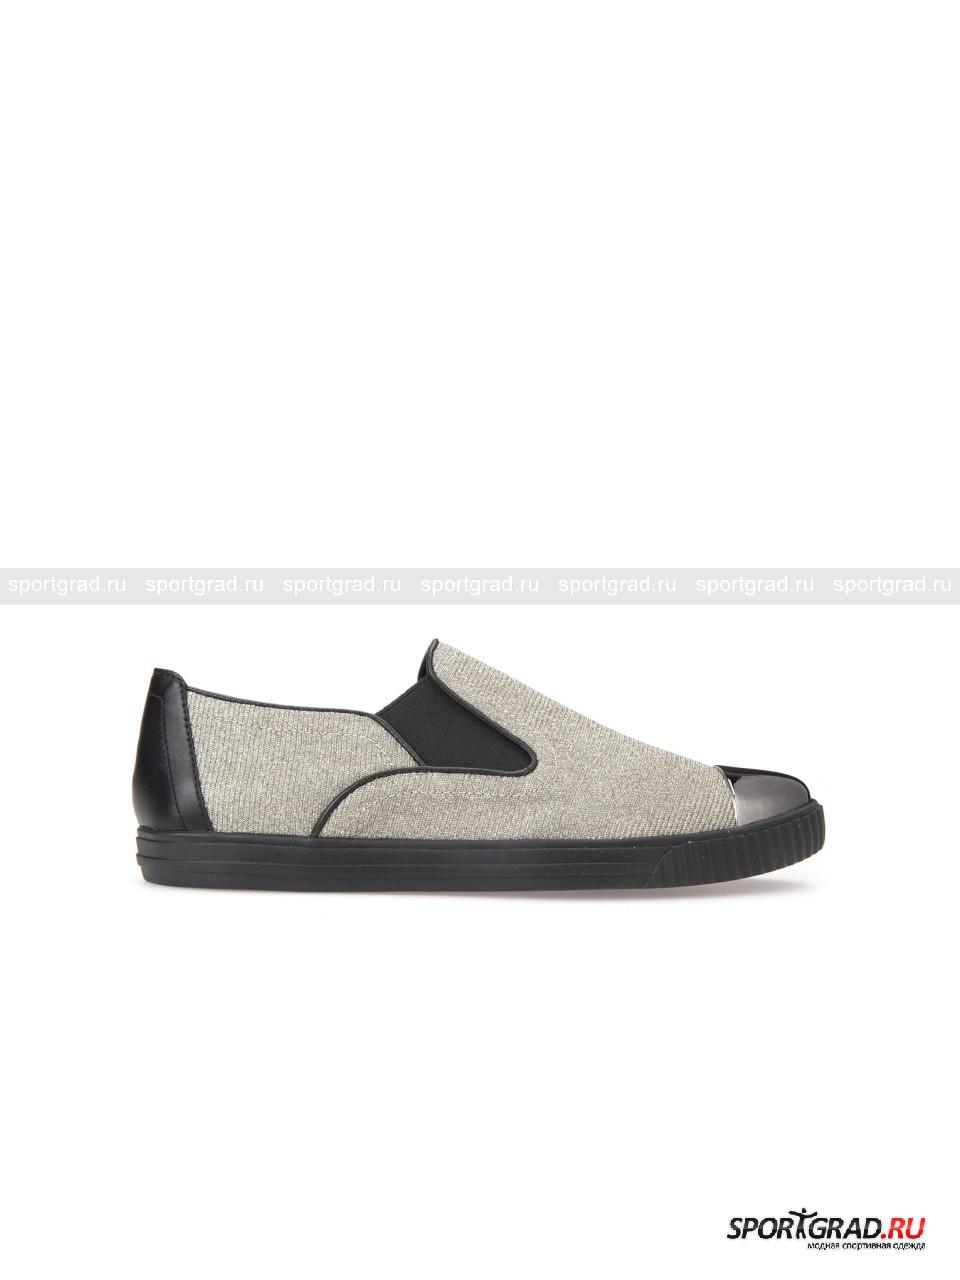 Слипоны женские Amalthia GEOXКроссовки<br>Фантастические слипоны Amalthia Geox точно не позволят Вам остаться незамеченной в любом окружении и даже самый простой образ превратят в эффектный и нарядный. В то же время, несмотря на покрытую блестками поверхность и лакированные носы, эта обувь не выглядит чересчур вызывающе.<br><br>Кроме яркого внешнего вида, слипоны отличаются функциональностью: здесь присутствует фирменная технология Respira, позволяющая ногам «дышать» благодаря отверстиям в подошве и водонепроницаемой мембране.<br><br>Пол: Женский<br>Возраст: Взрослый<br>Тип: Кроссовки<br>Рекомендации по уходу: Протирать мягкой тканью.<br>Состав: Верх: синтетические материалы, внутри текстиль